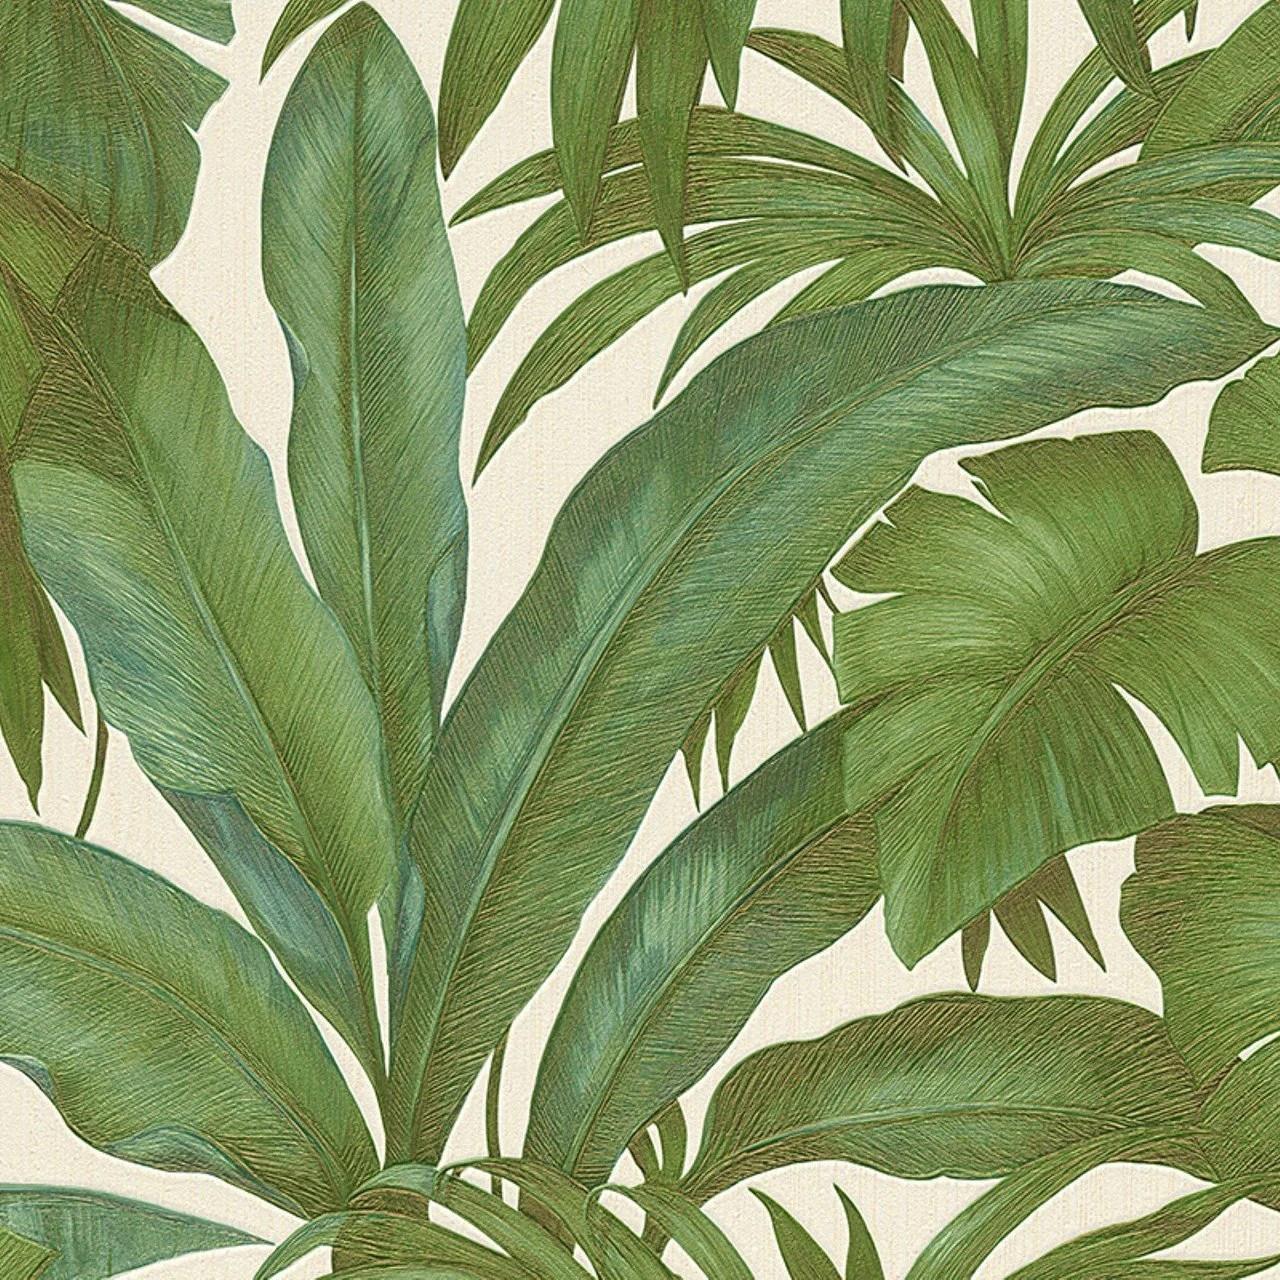 Fullsize Of Palm Leaf Wallpaper